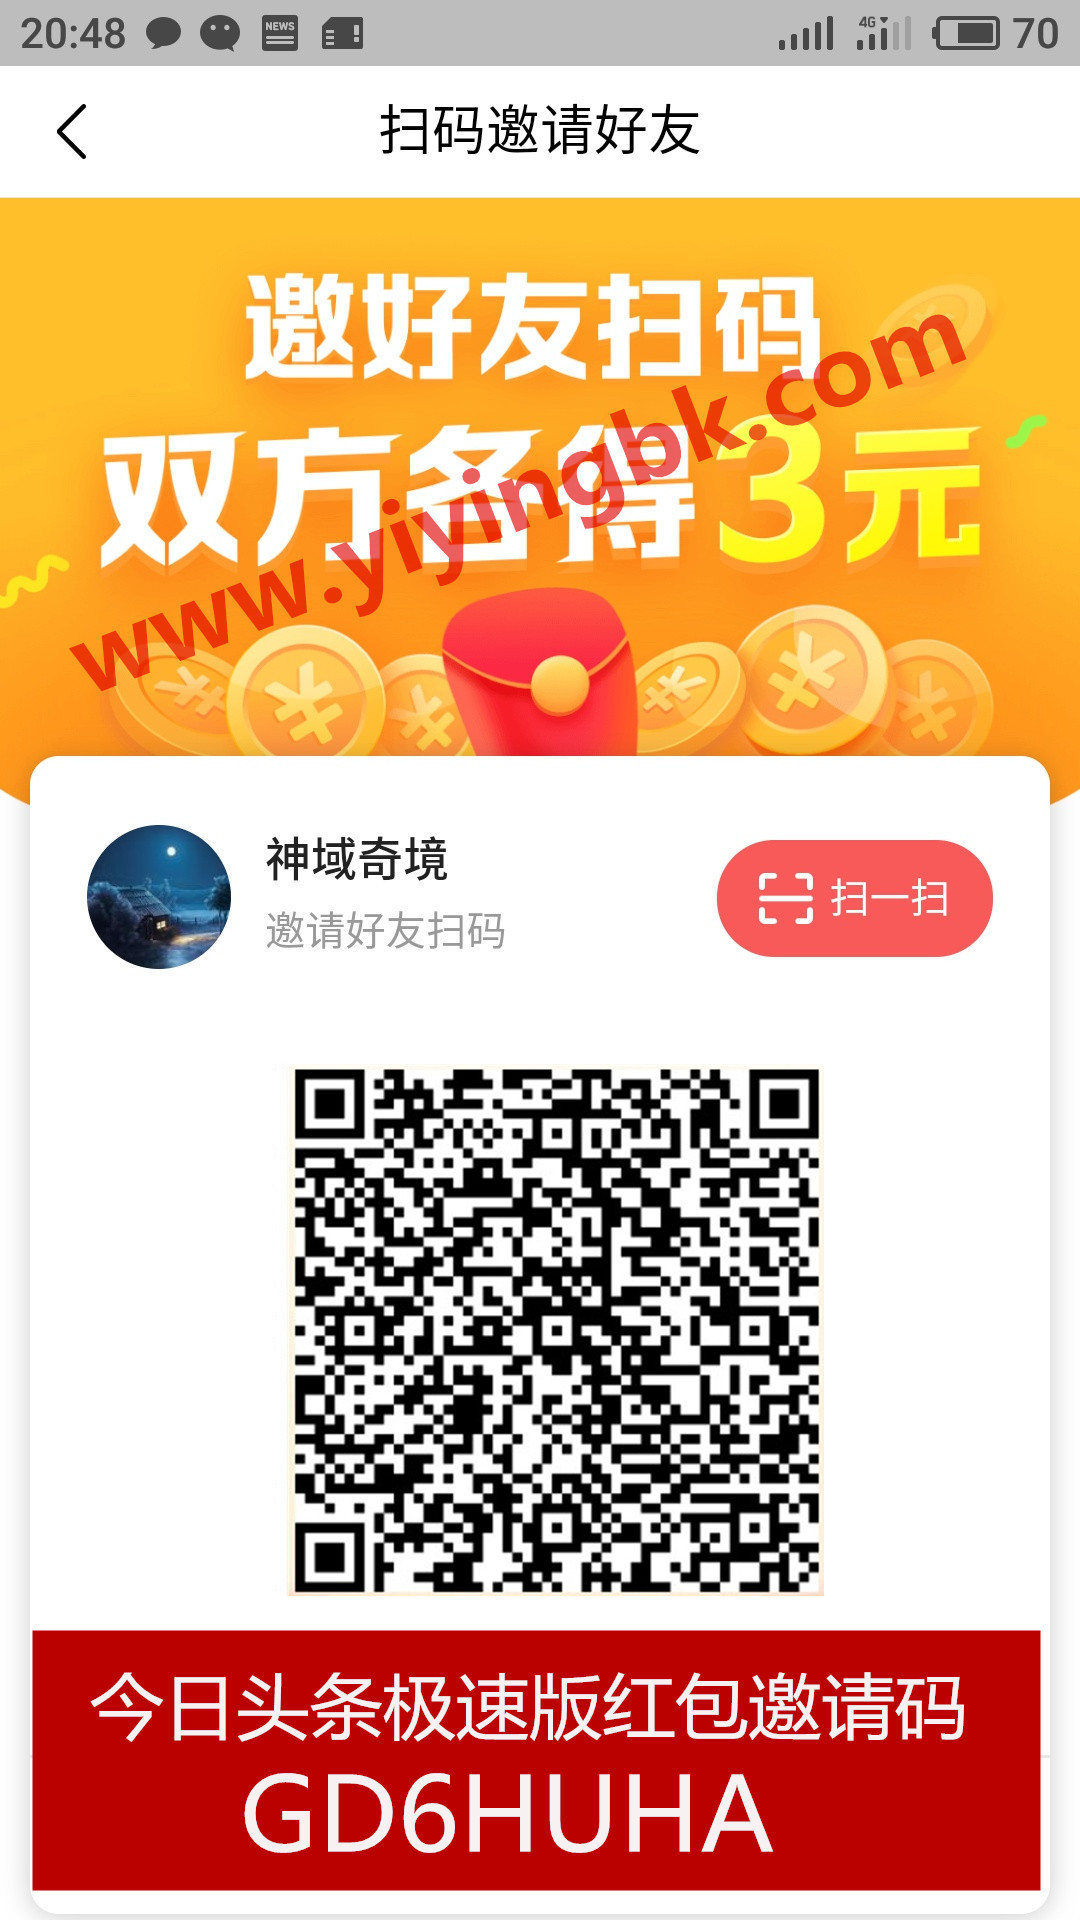 今日头条极速版,扫码免费领3元现金红包。www.yiyingbk.com